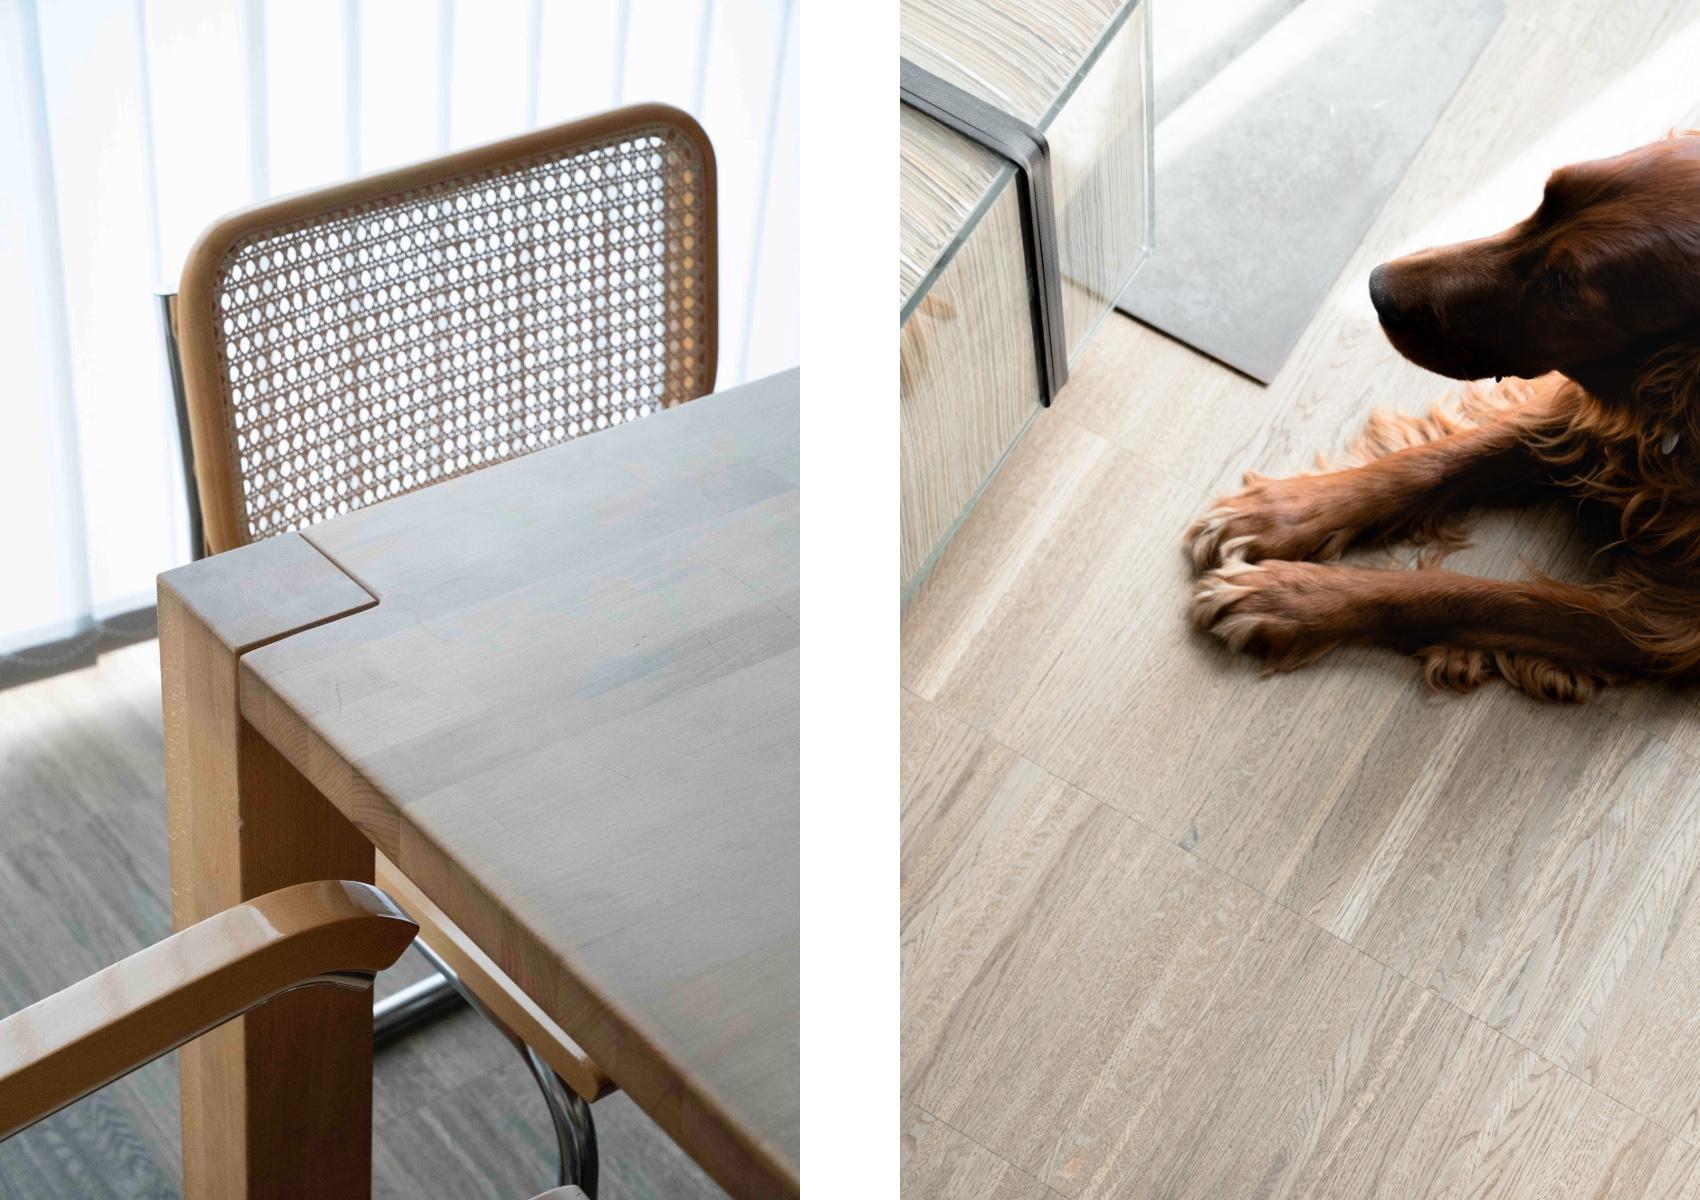 Eck von Besprechungstisch mit Sesseln und Hund am Boden liegend neben Kunstobjektin der in der Anwaltskanzlei Lindner & Rock